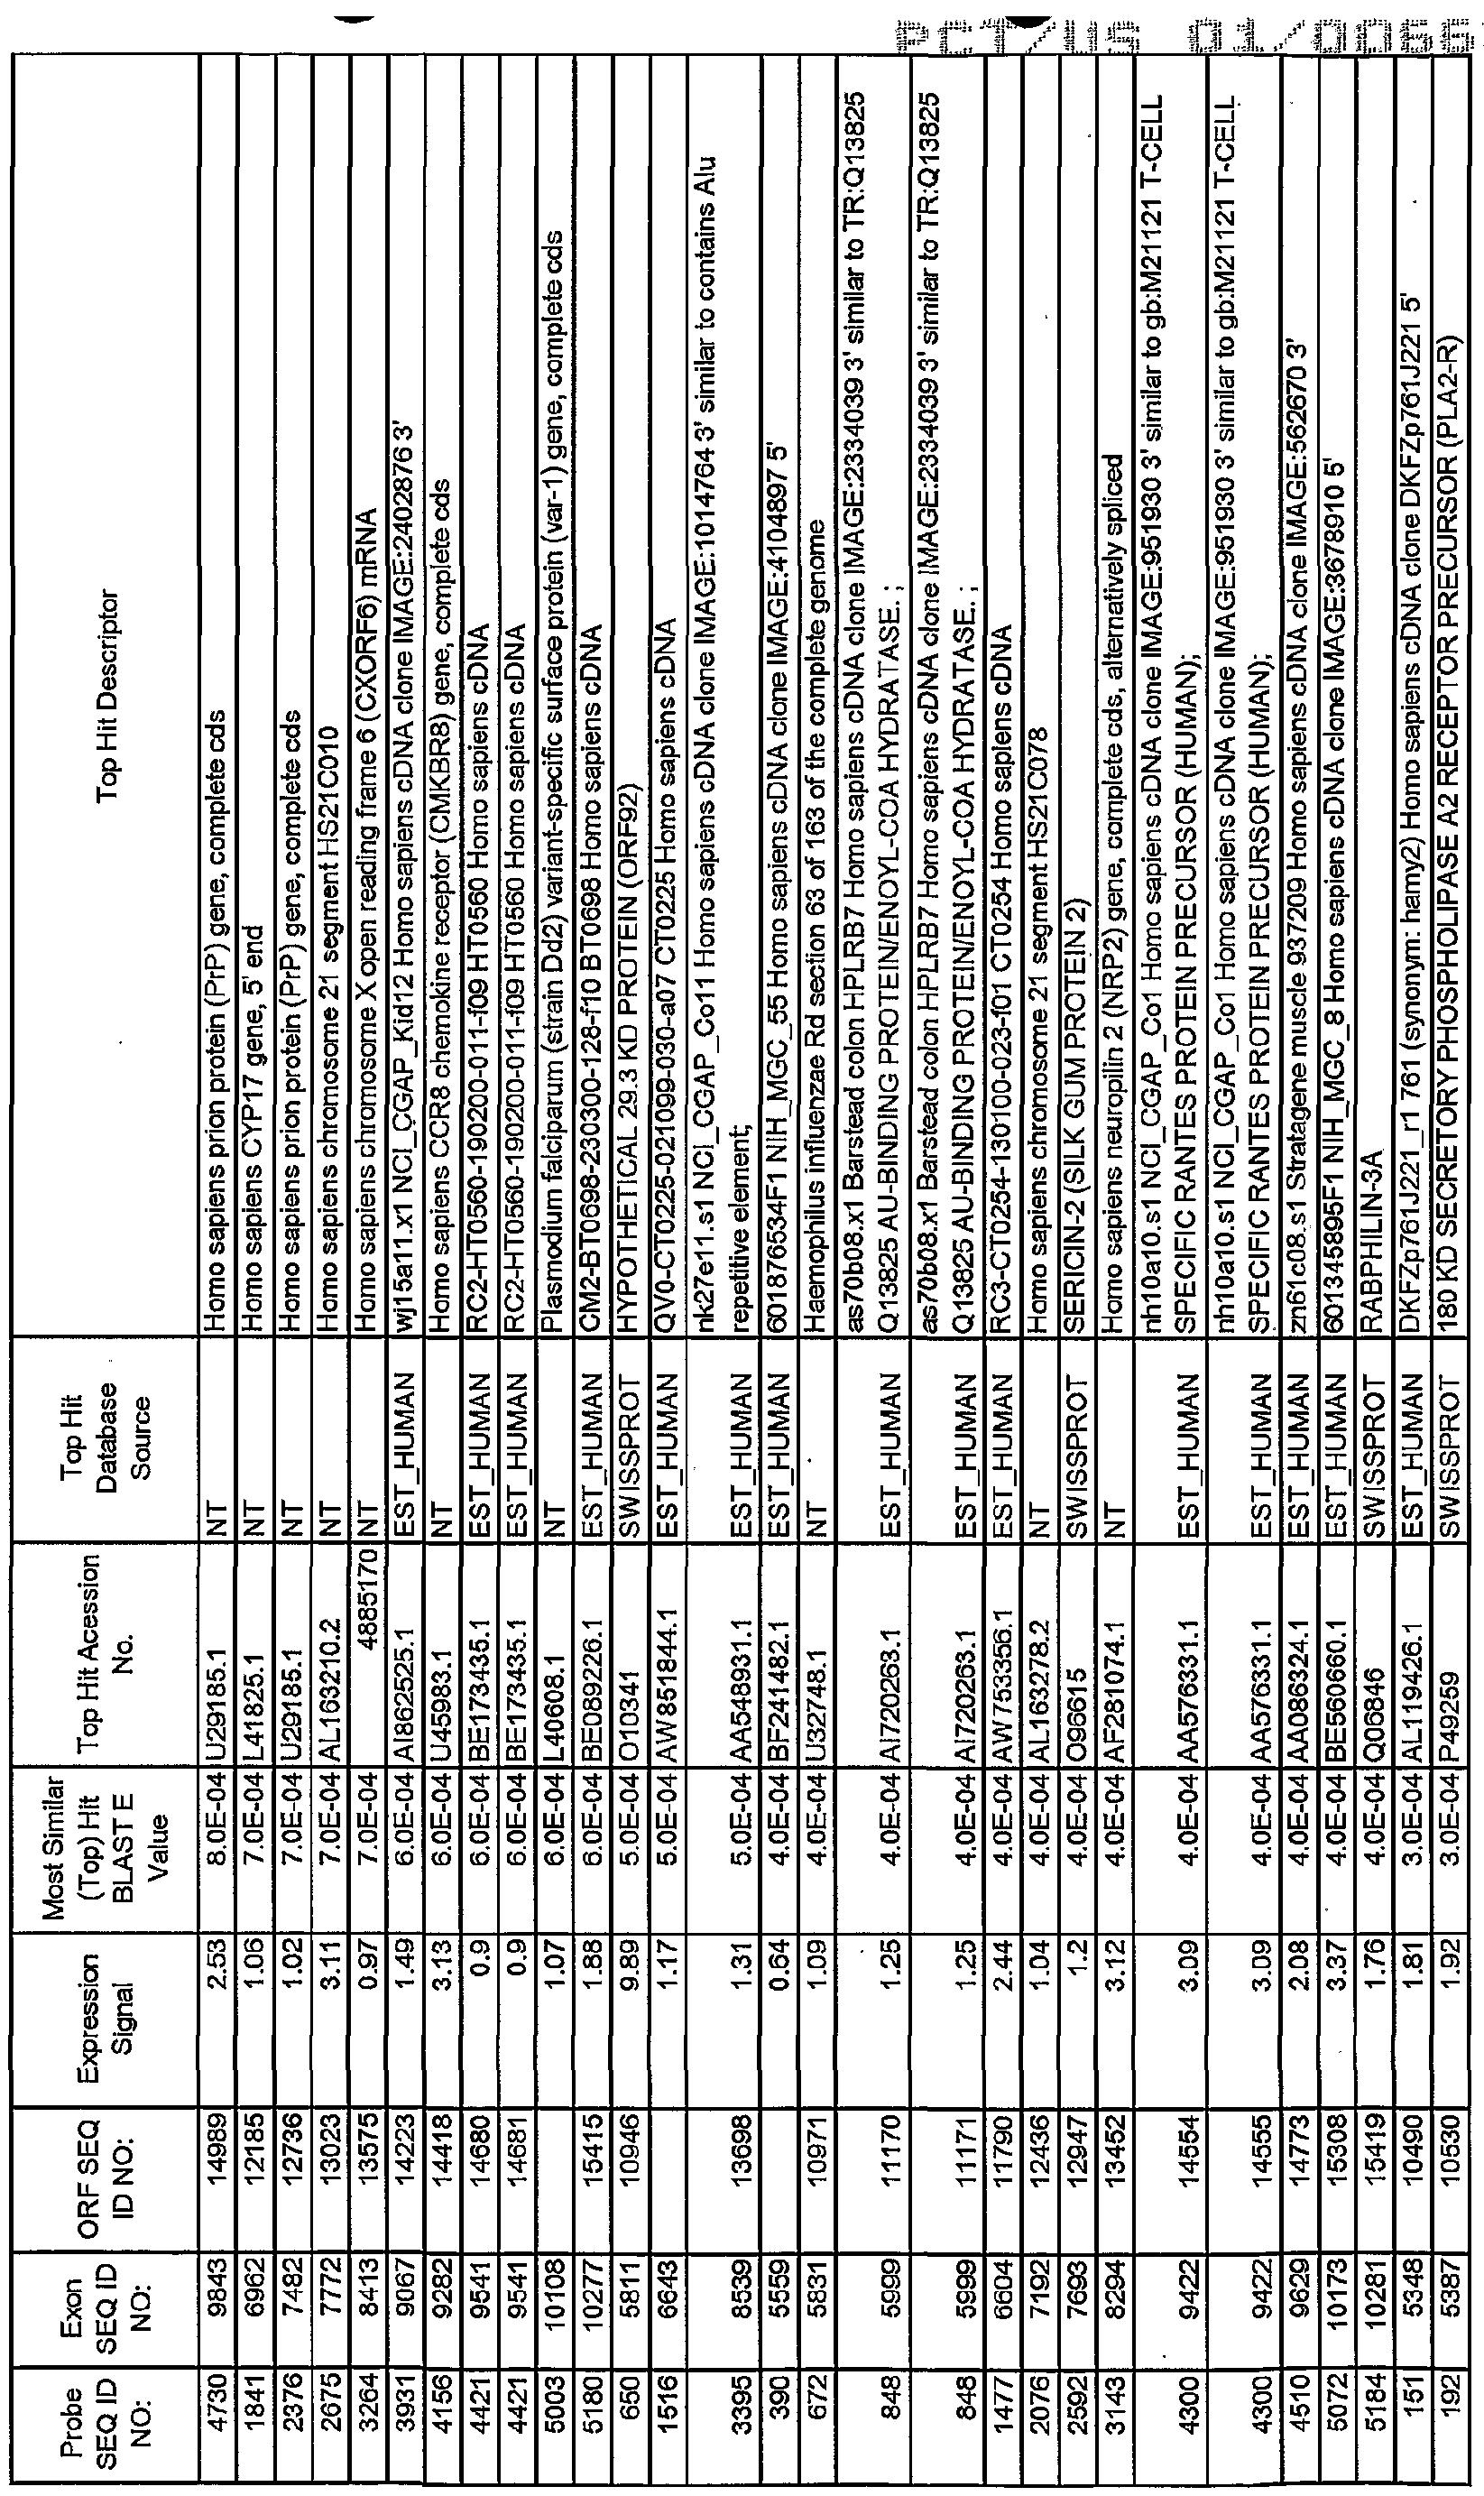 Figure imgf000158_0001